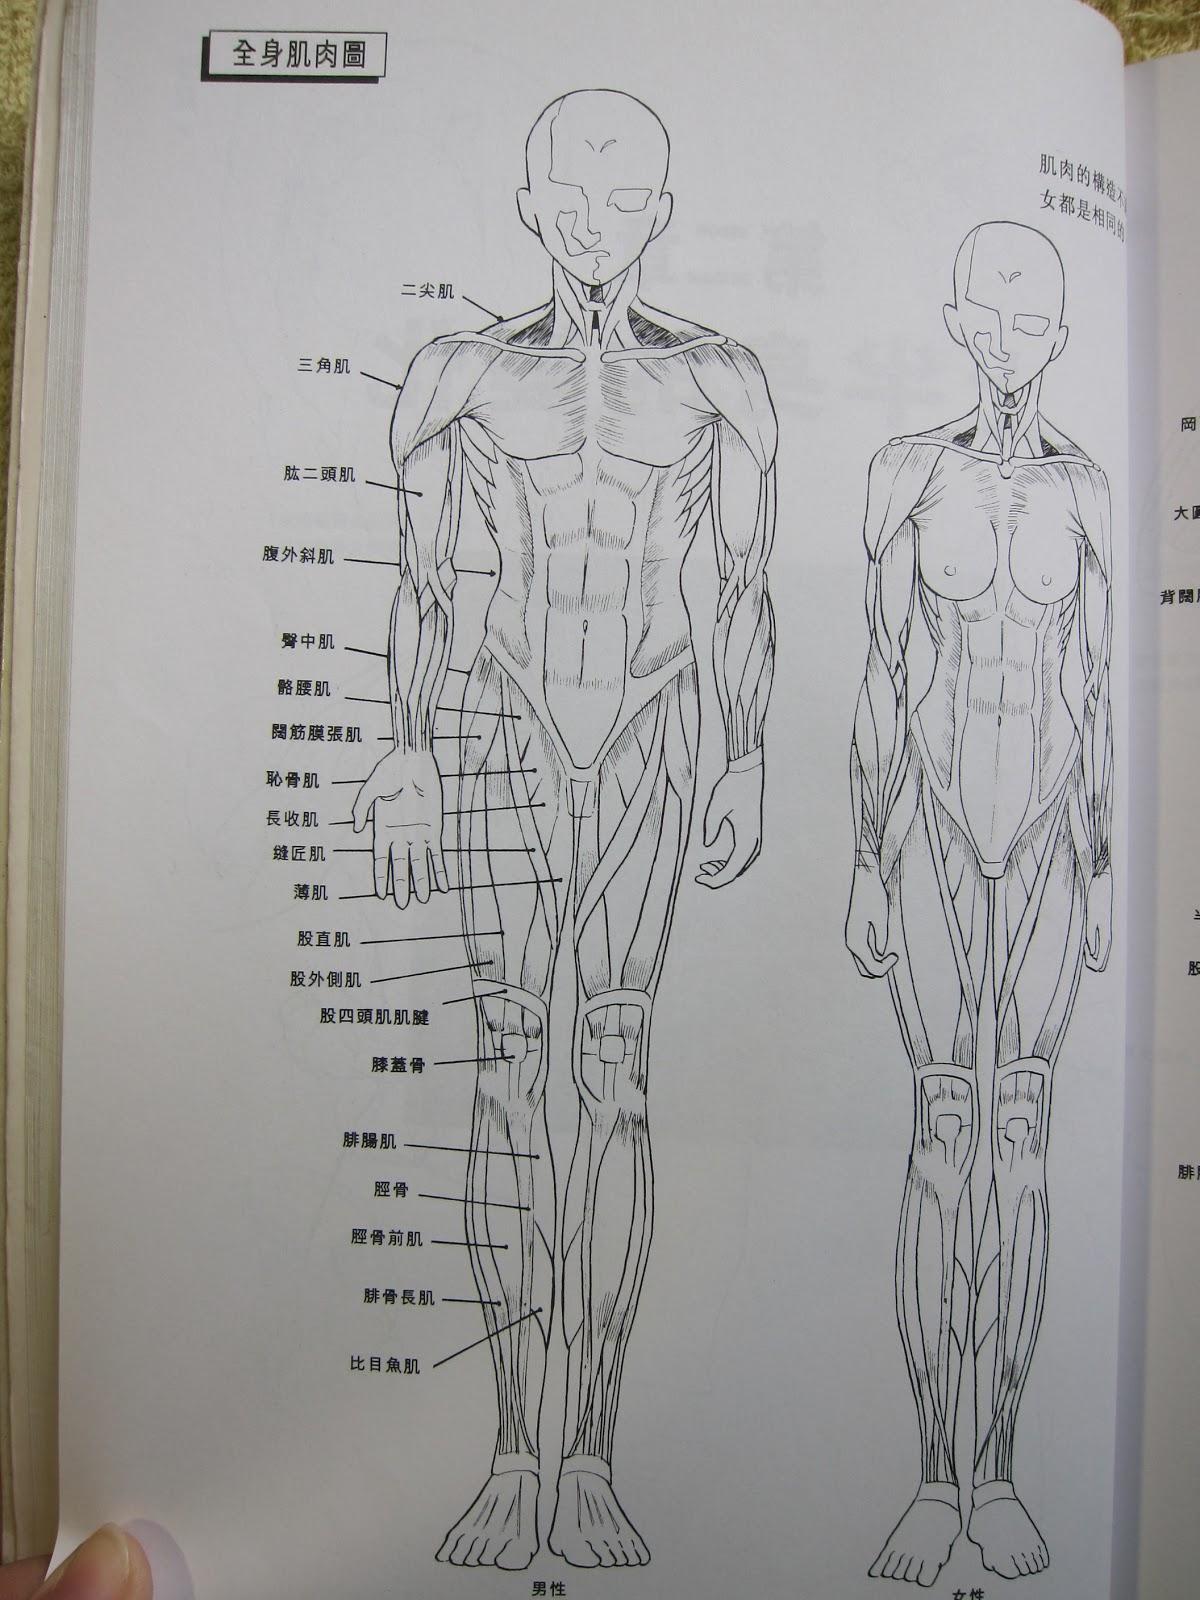 繪畫學園: 人體結構漫畫技法